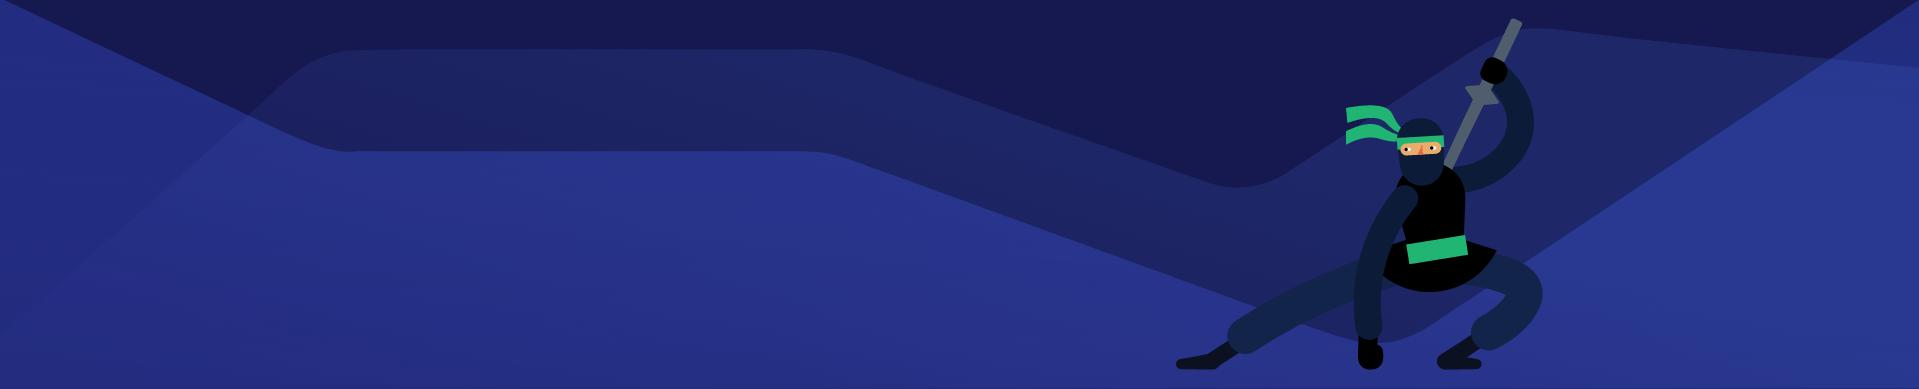 Background-NextSteps